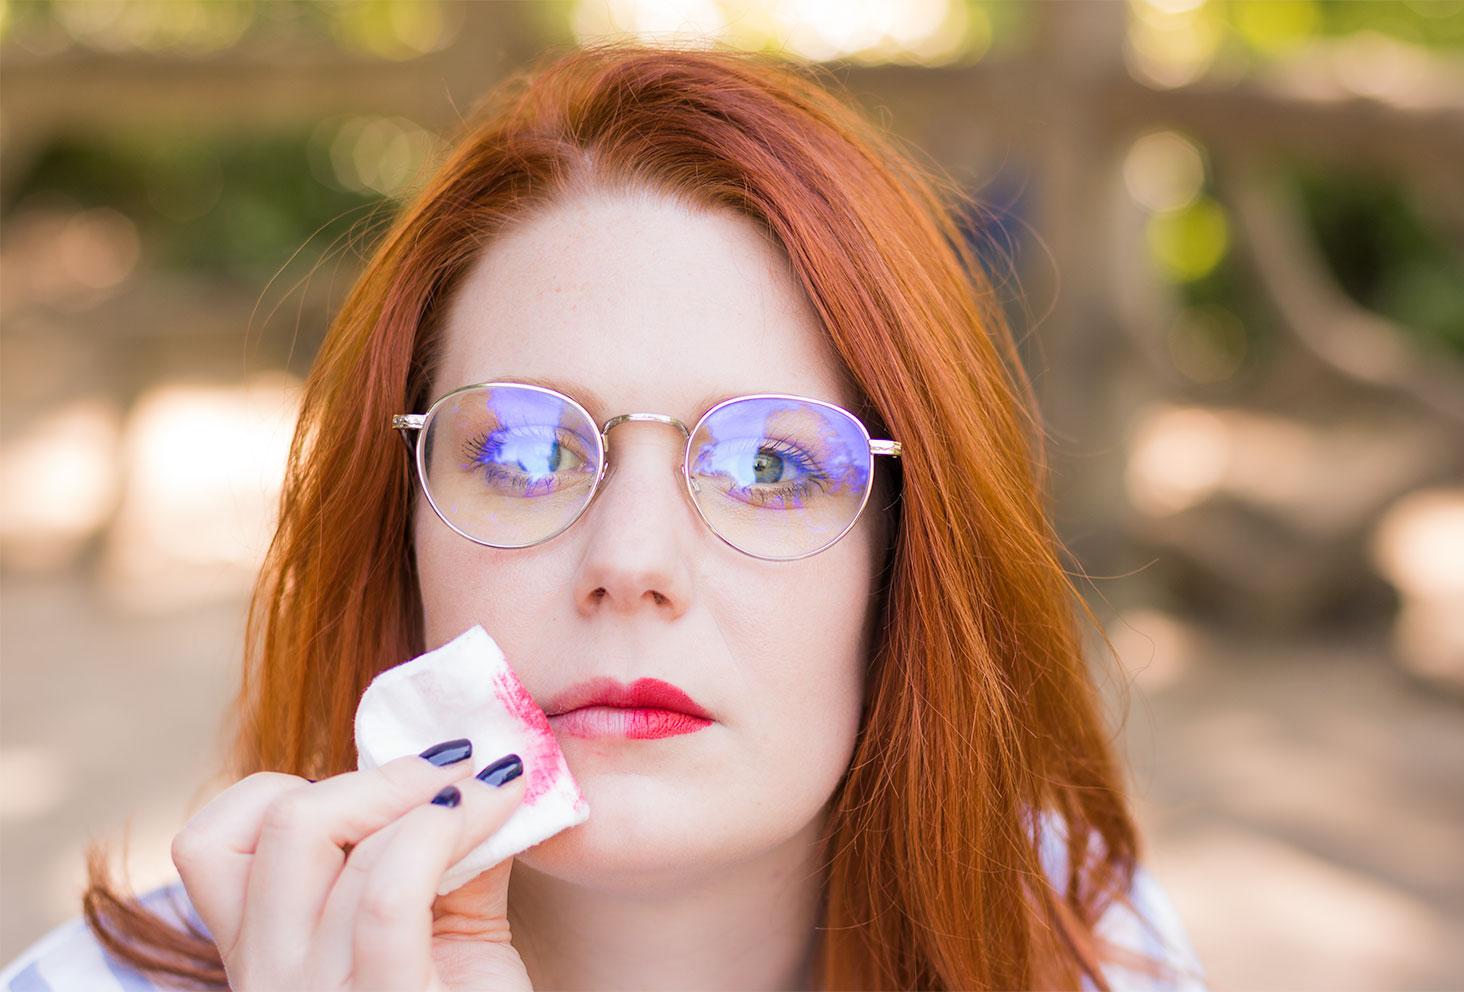 Démaquillage d'un rouge à lèvres rouge à l'aide d'un coton et de l'eau micellaire Skin Minute par Body Minute